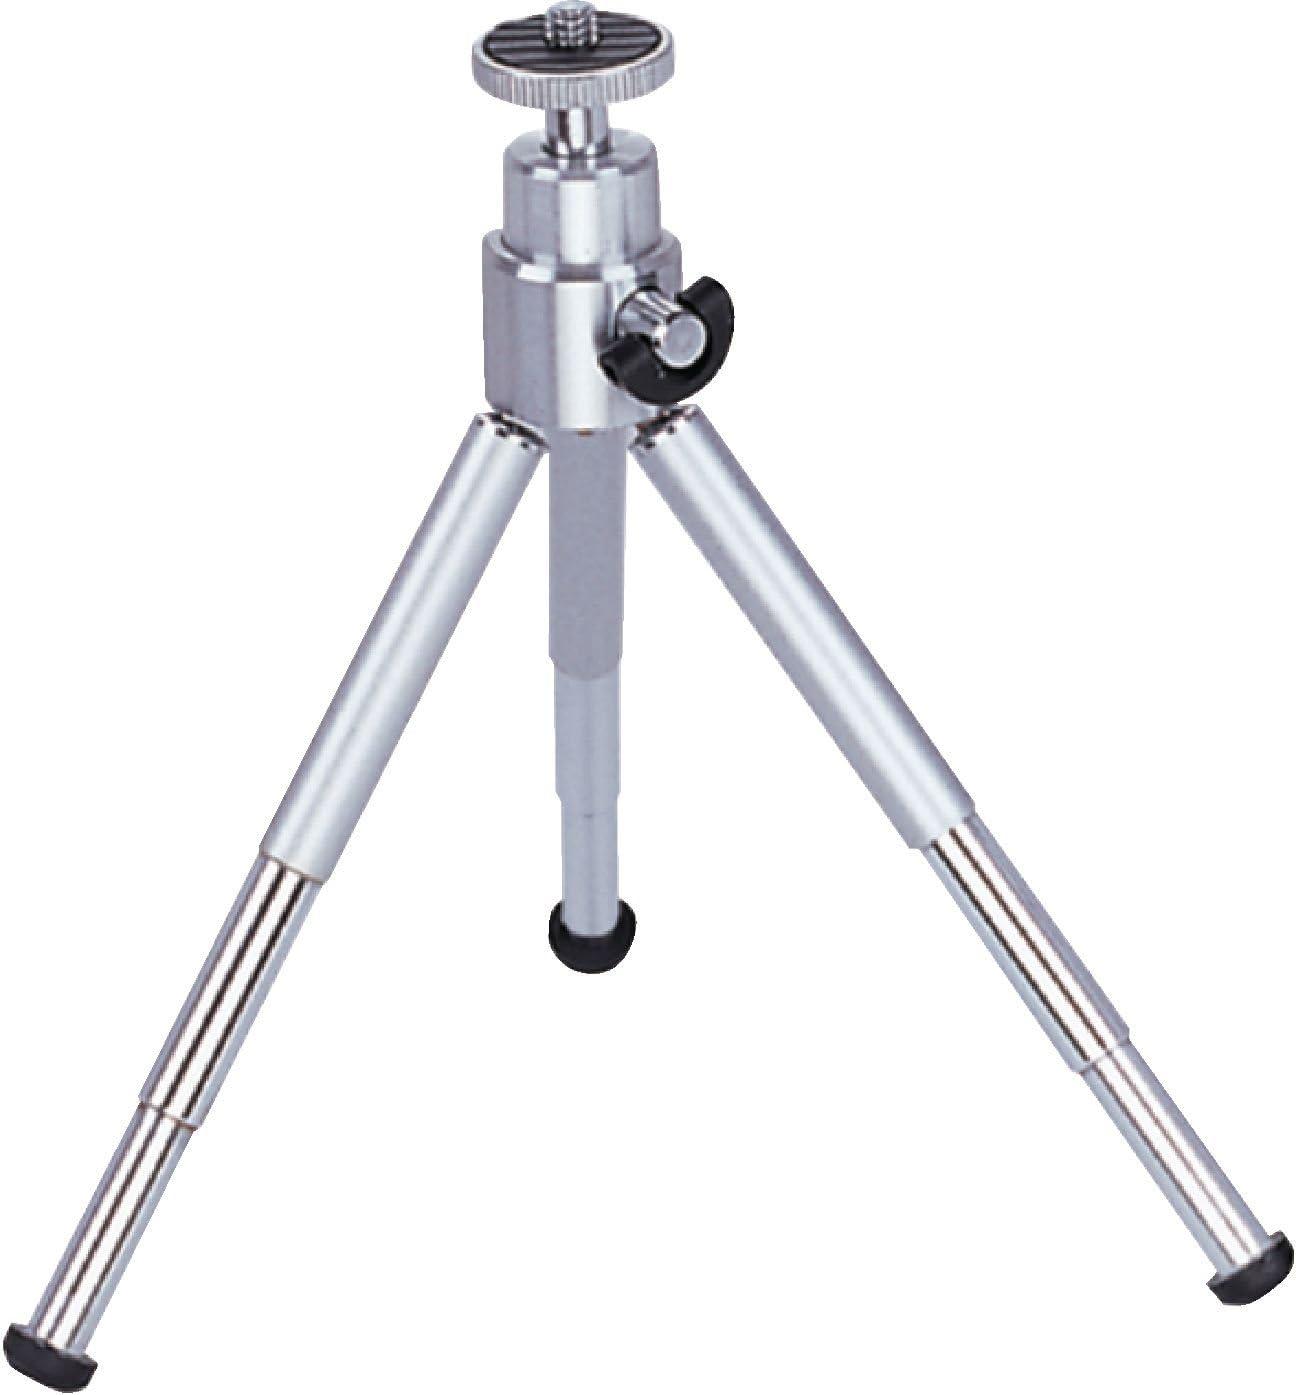 Konig Mini-Tripod 15 cm 0.8 kg Silver KN-TRIPOD10N